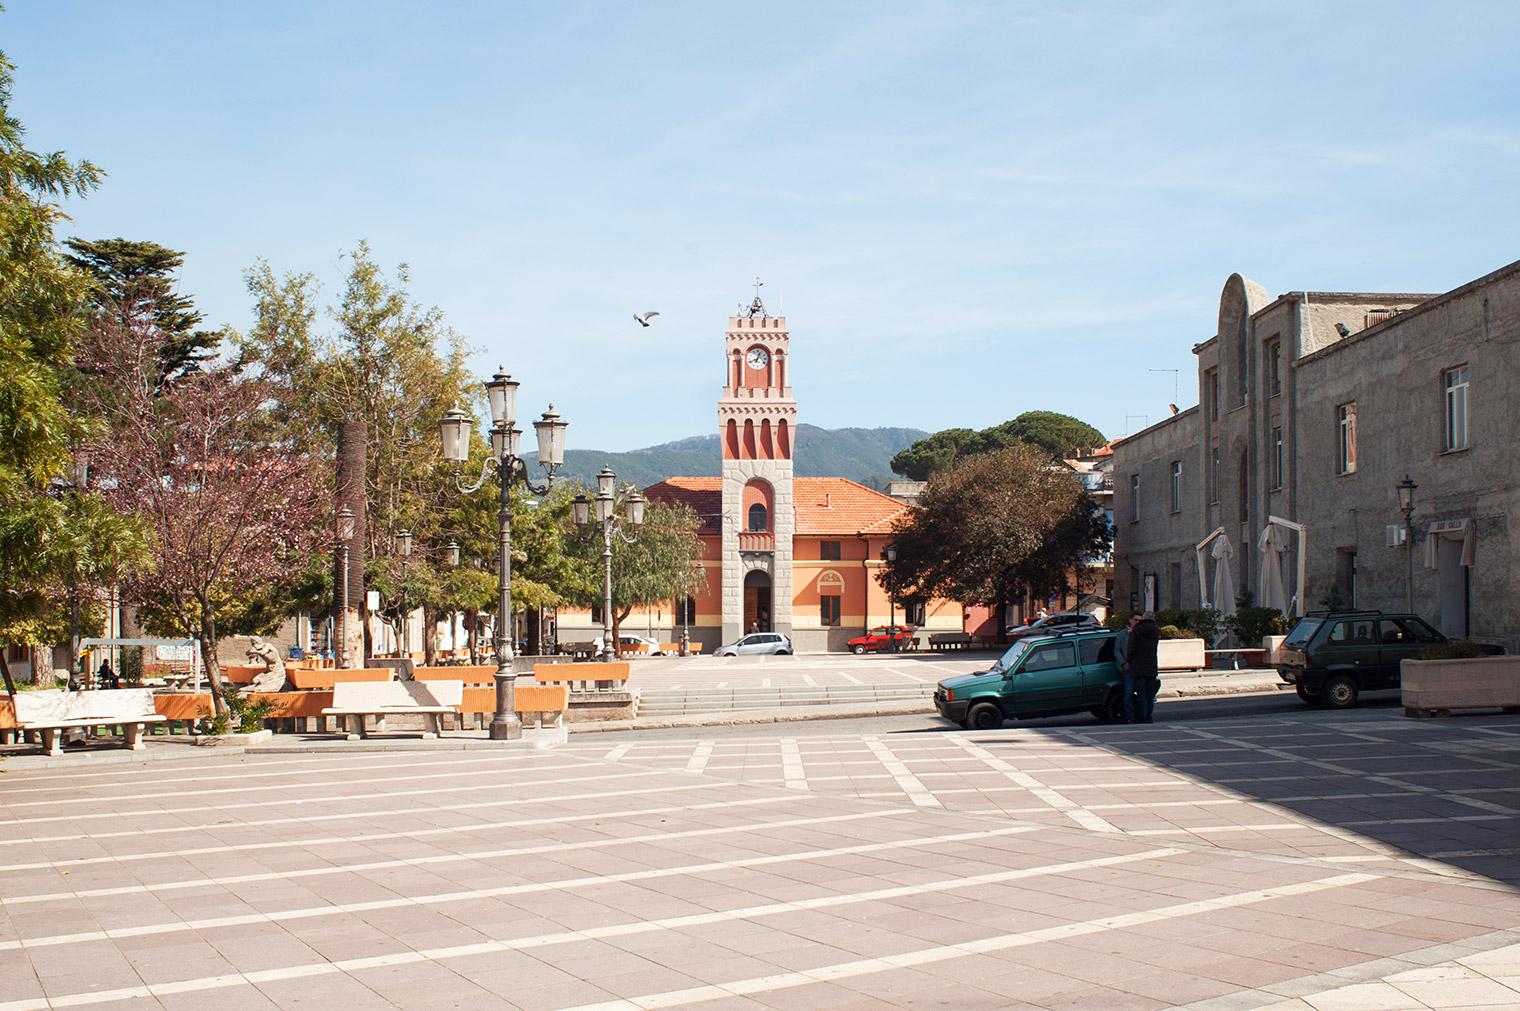 Elezioni comunali a Molochio, i risultati definitivi: il nuovo sindaco è Caruso